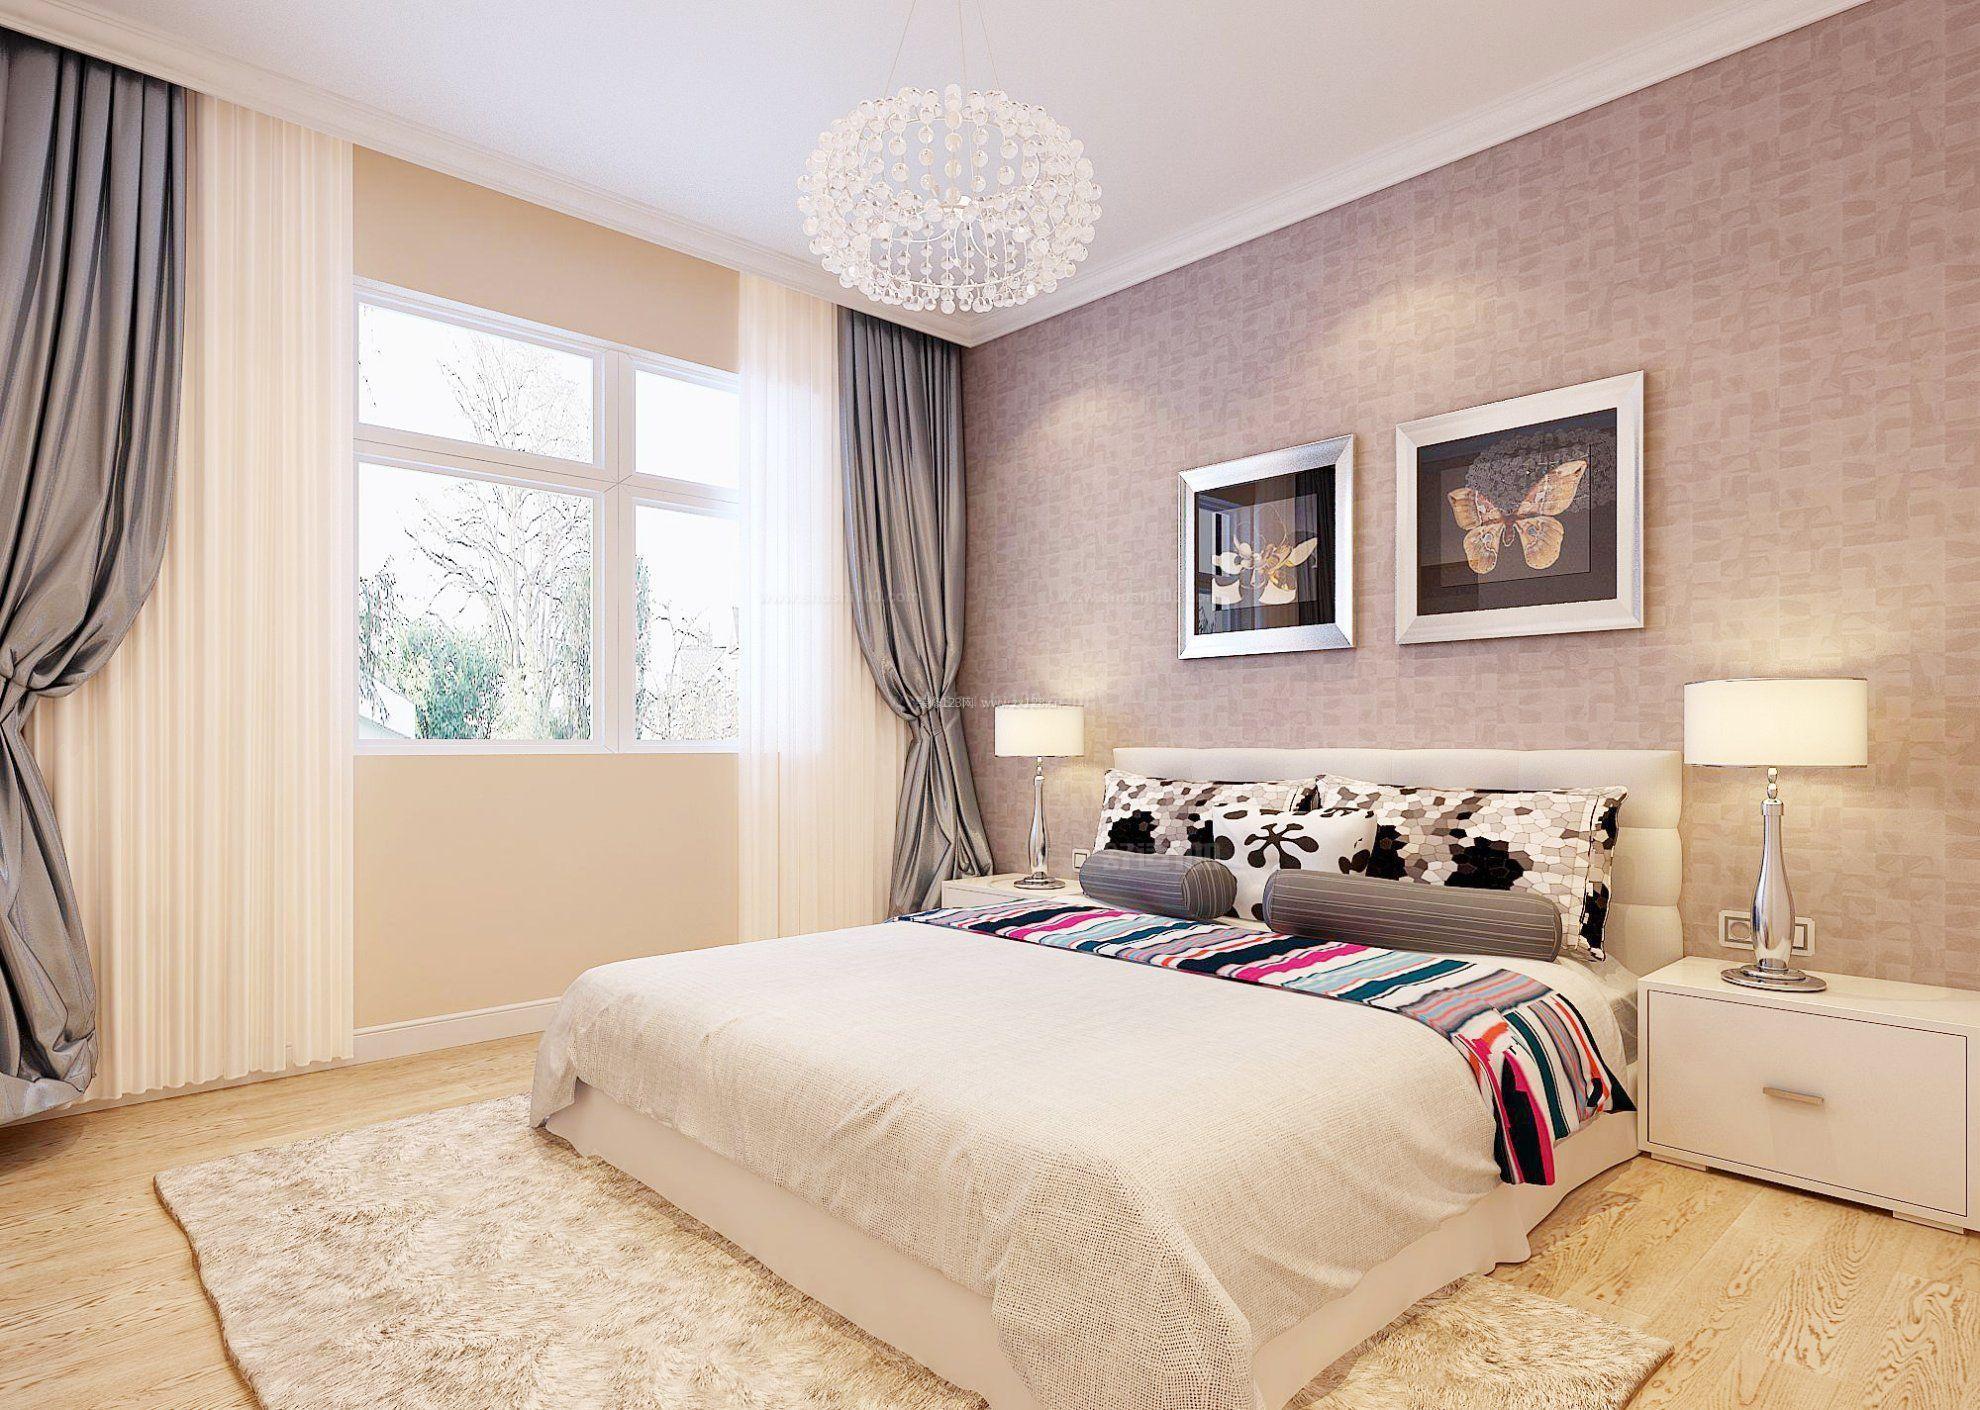 卧室壁纸哪种颜色好—卧室壁纸颜色搭配详解